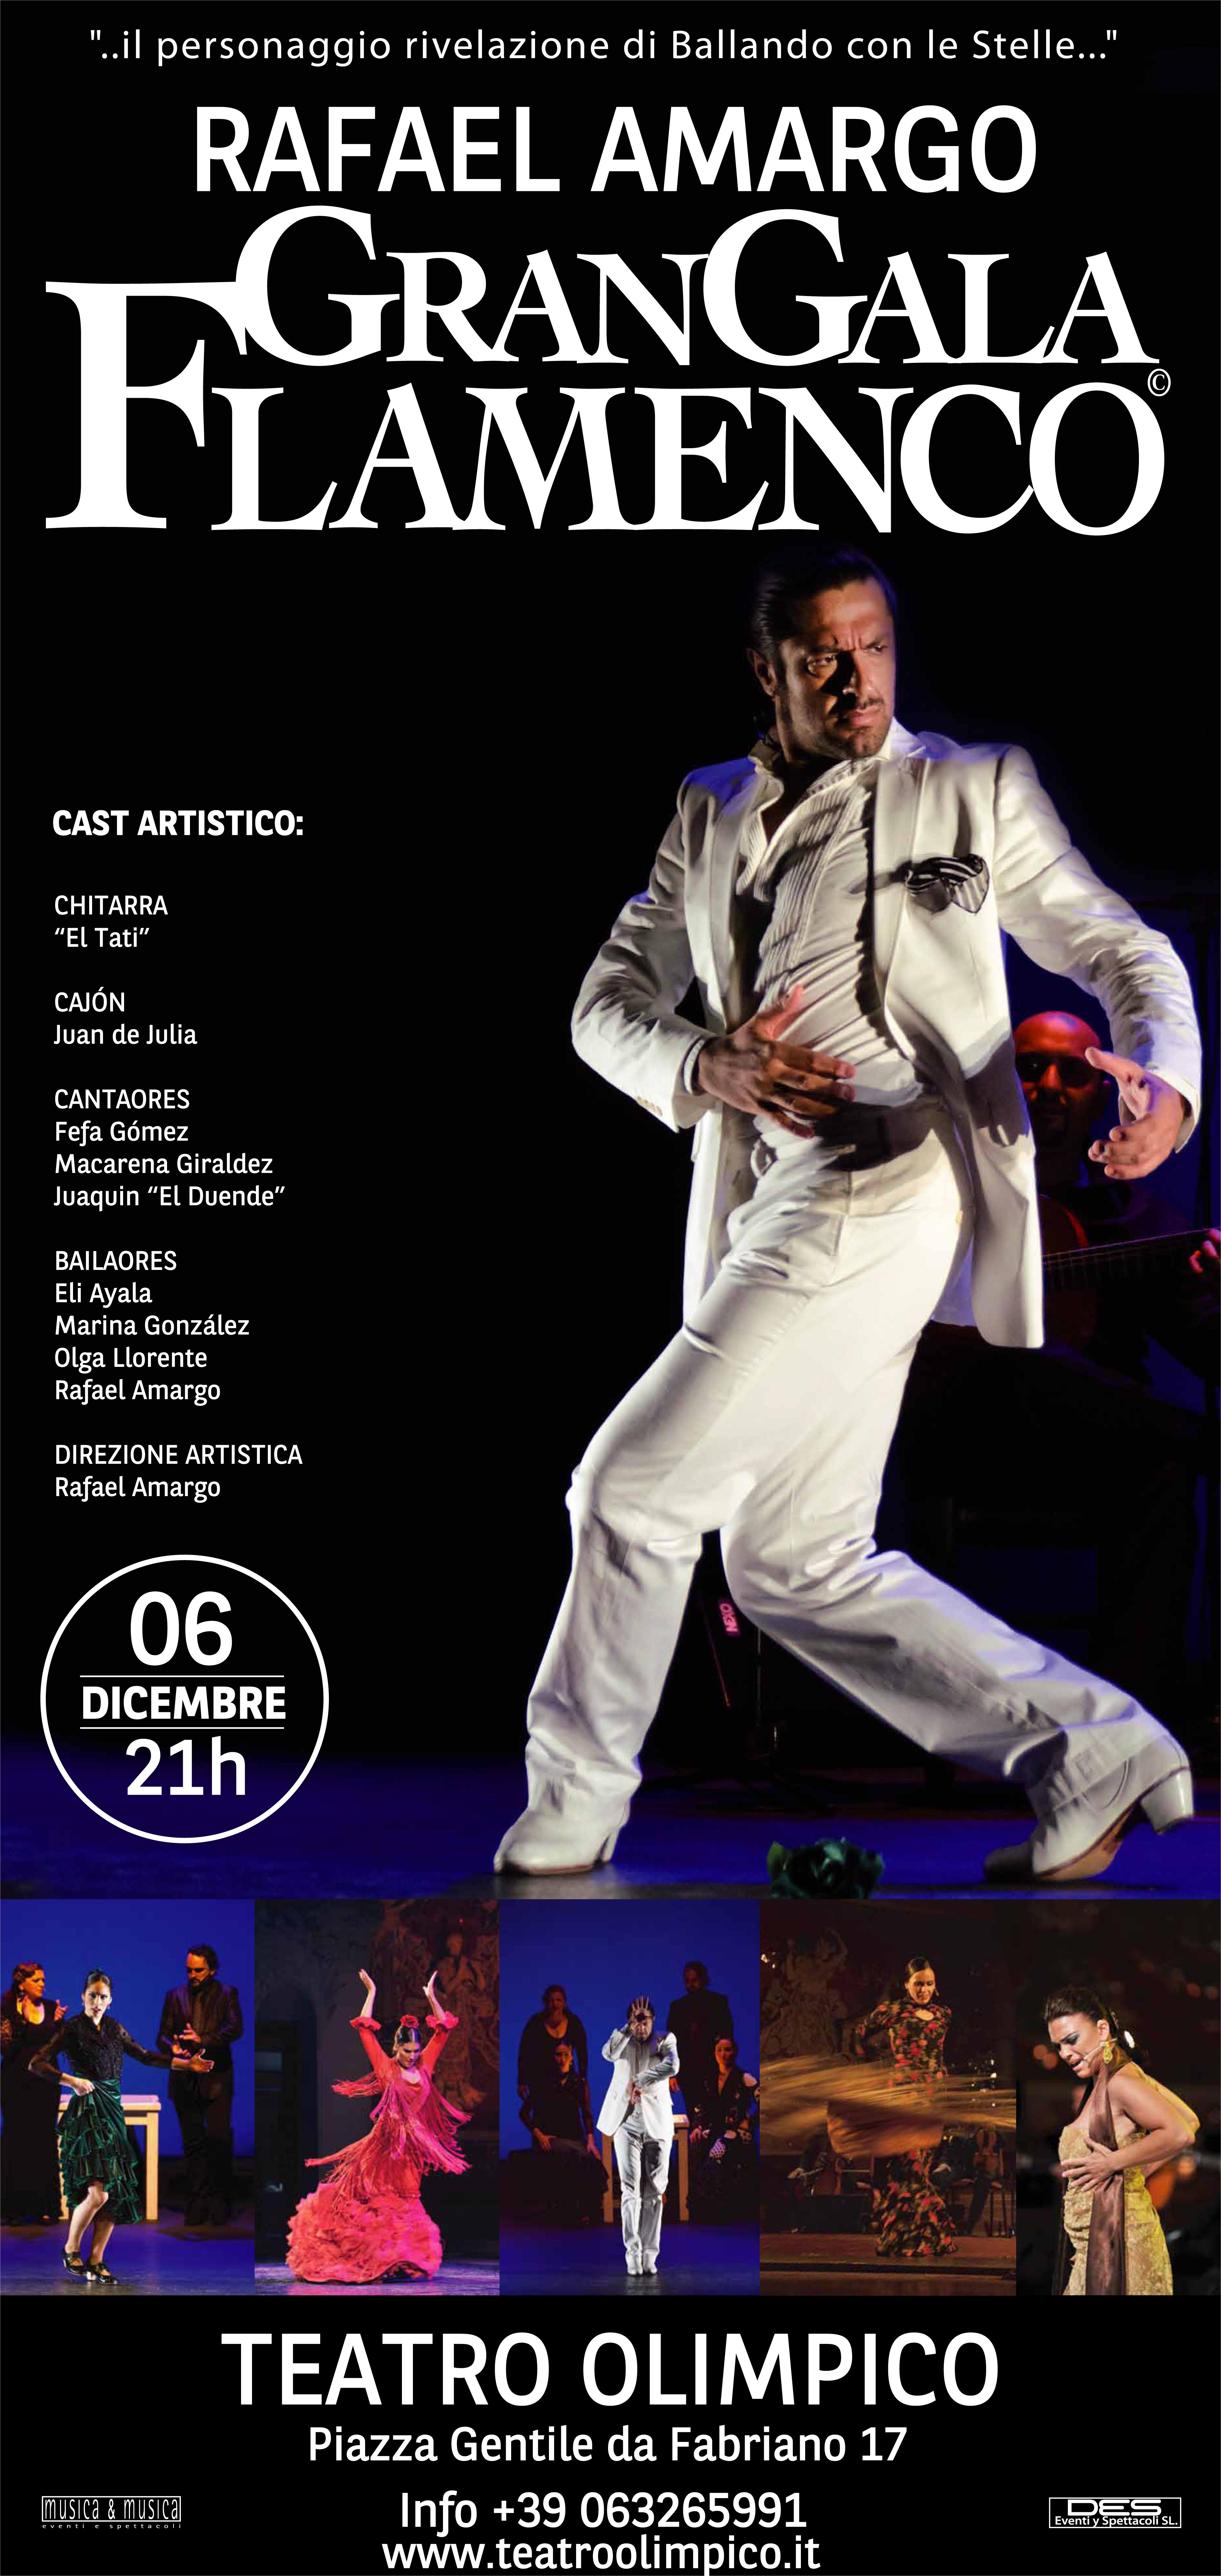 Flamenco, a Roma gran galà di Rafael Amargo